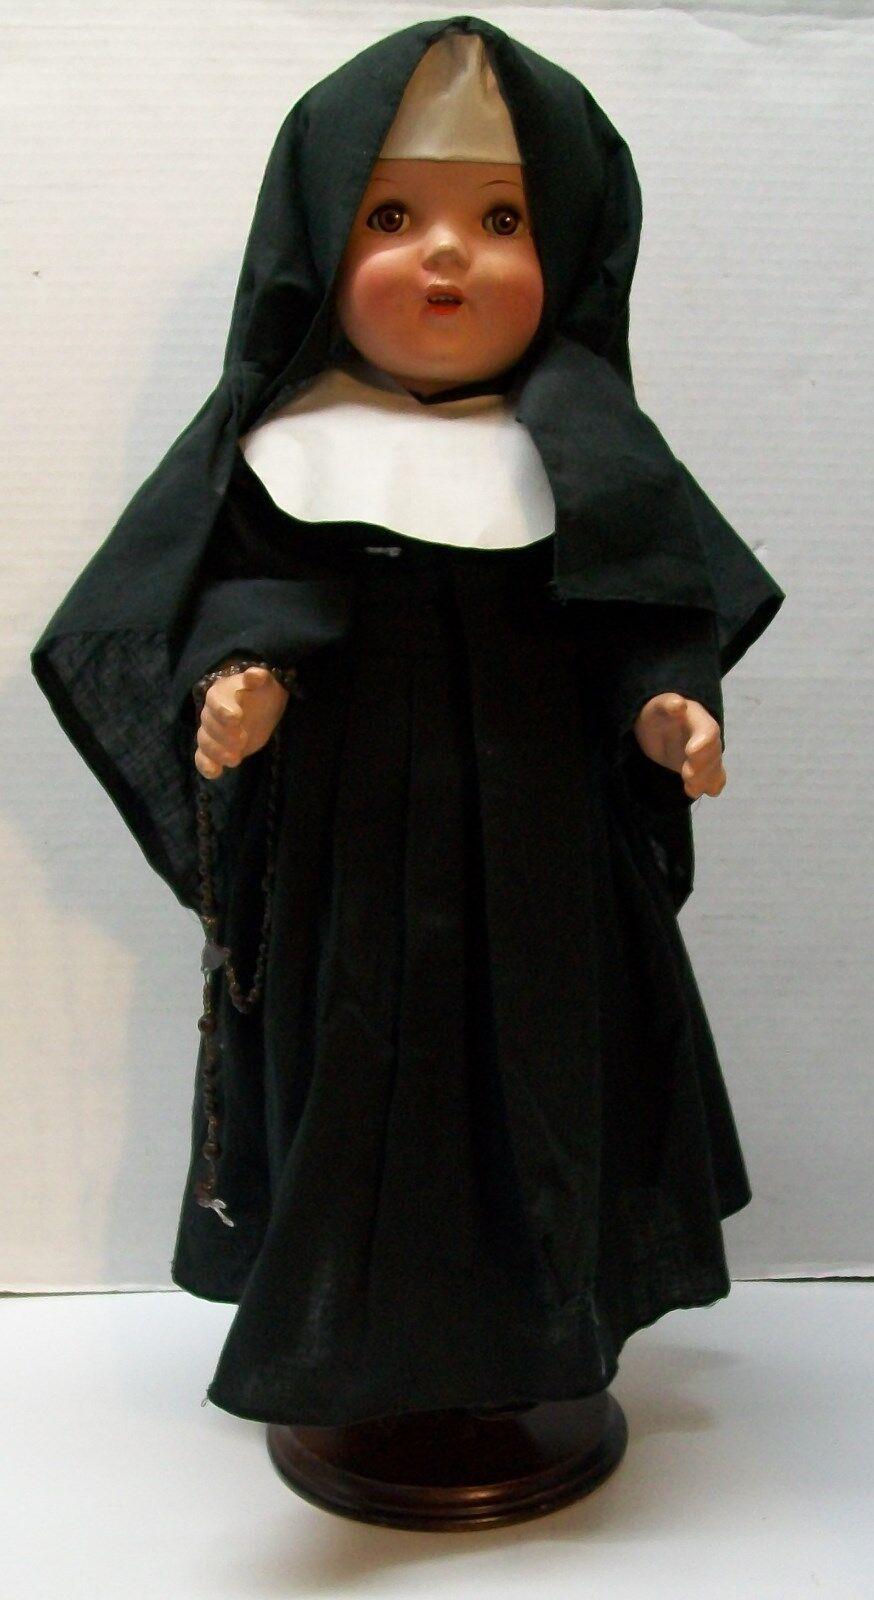 Hábito de túnica negra de Muñeca Monja ojos abiertos cerca composición década de 1930 Vintage